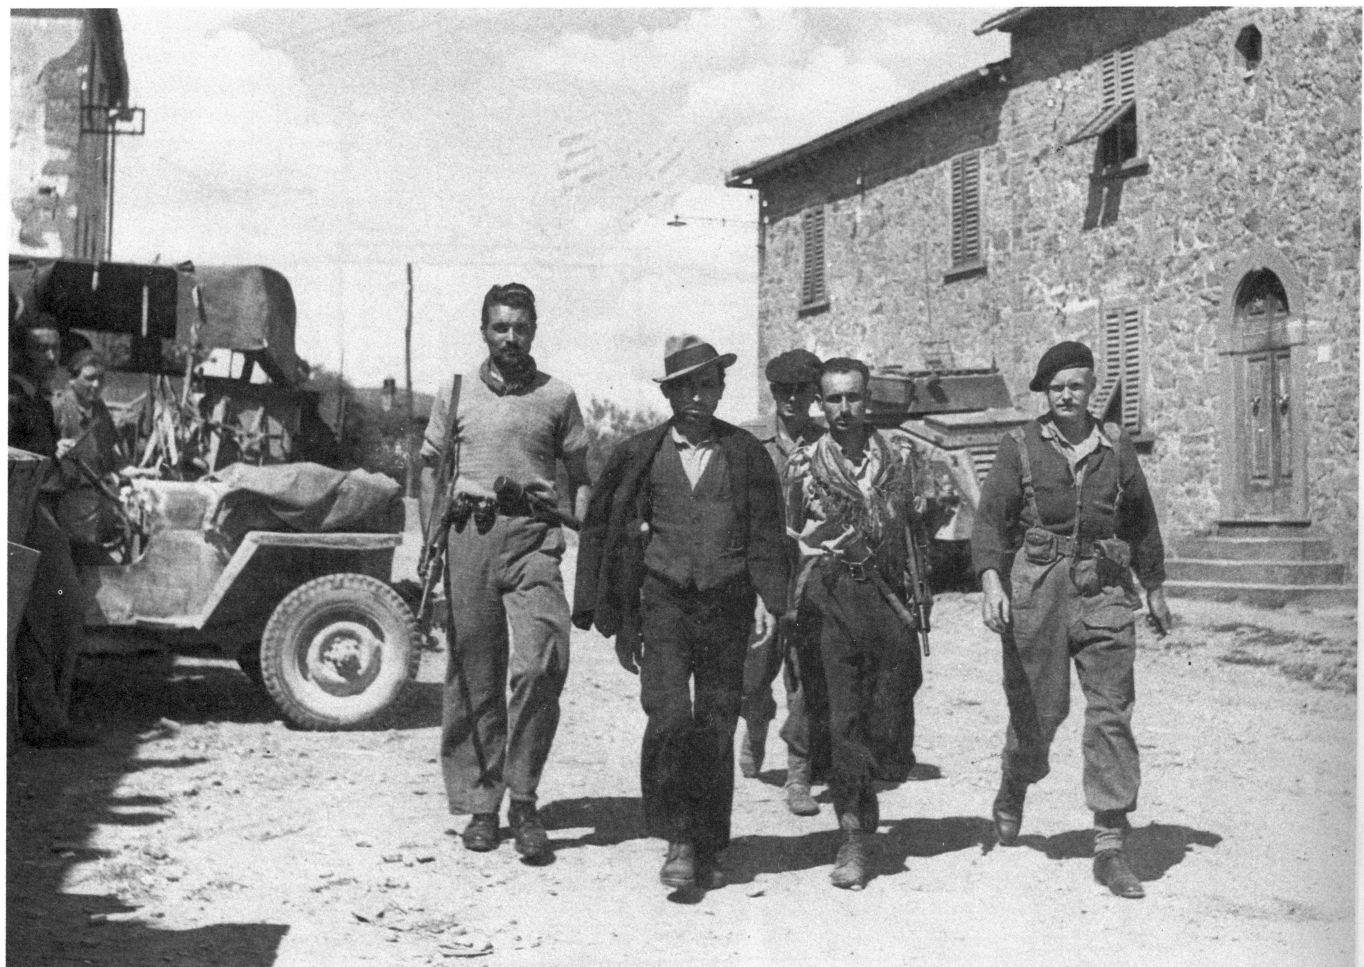 14 giugno 1944. La fucilazione dei partigiani Vargiu e Piredda. (di Fiorenzo Caterini)